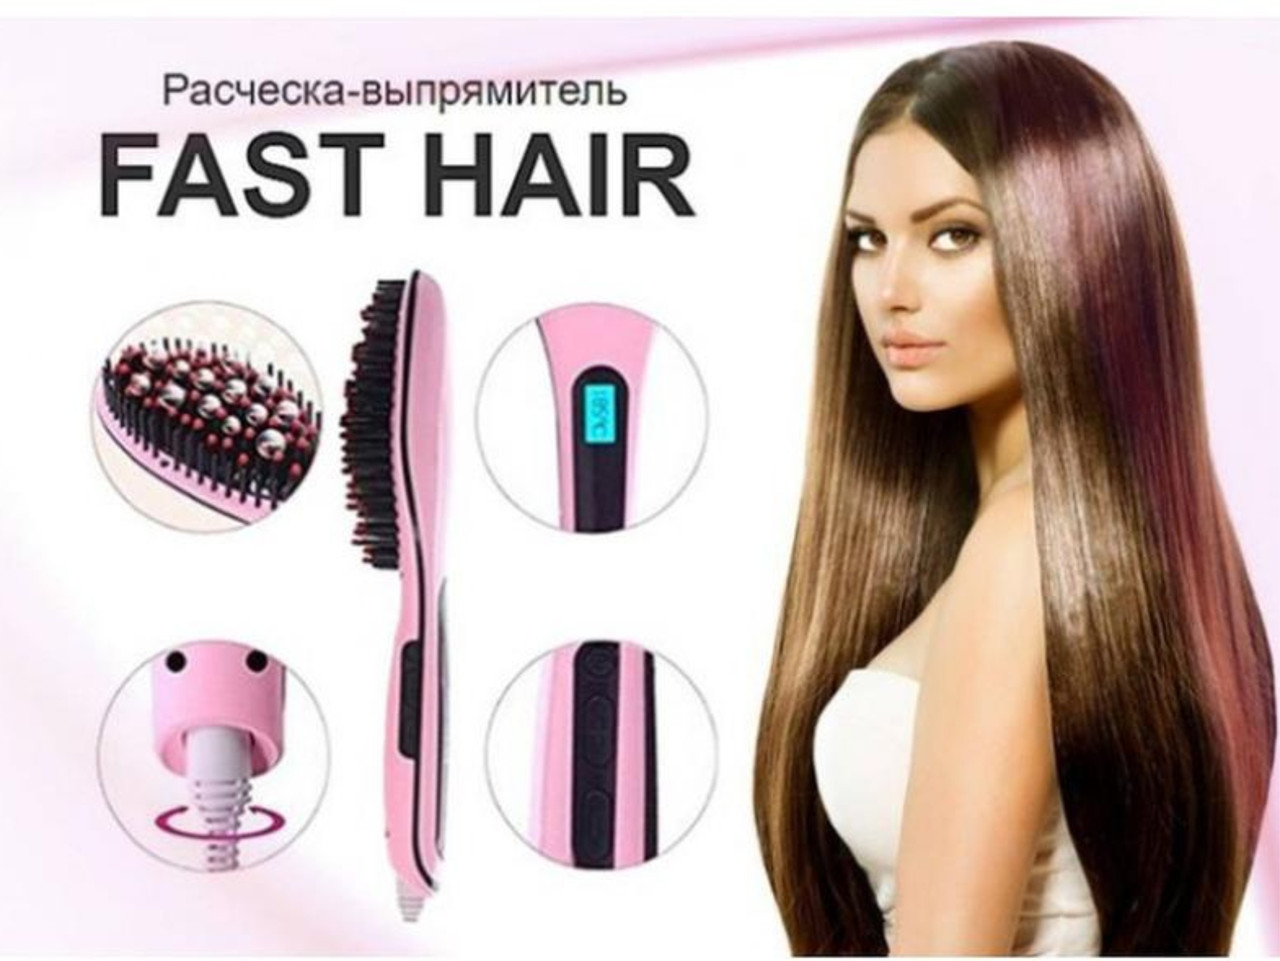 Расческа-выпрямитель Fast Hair + Профессиональный фен Mozer MZ-5919